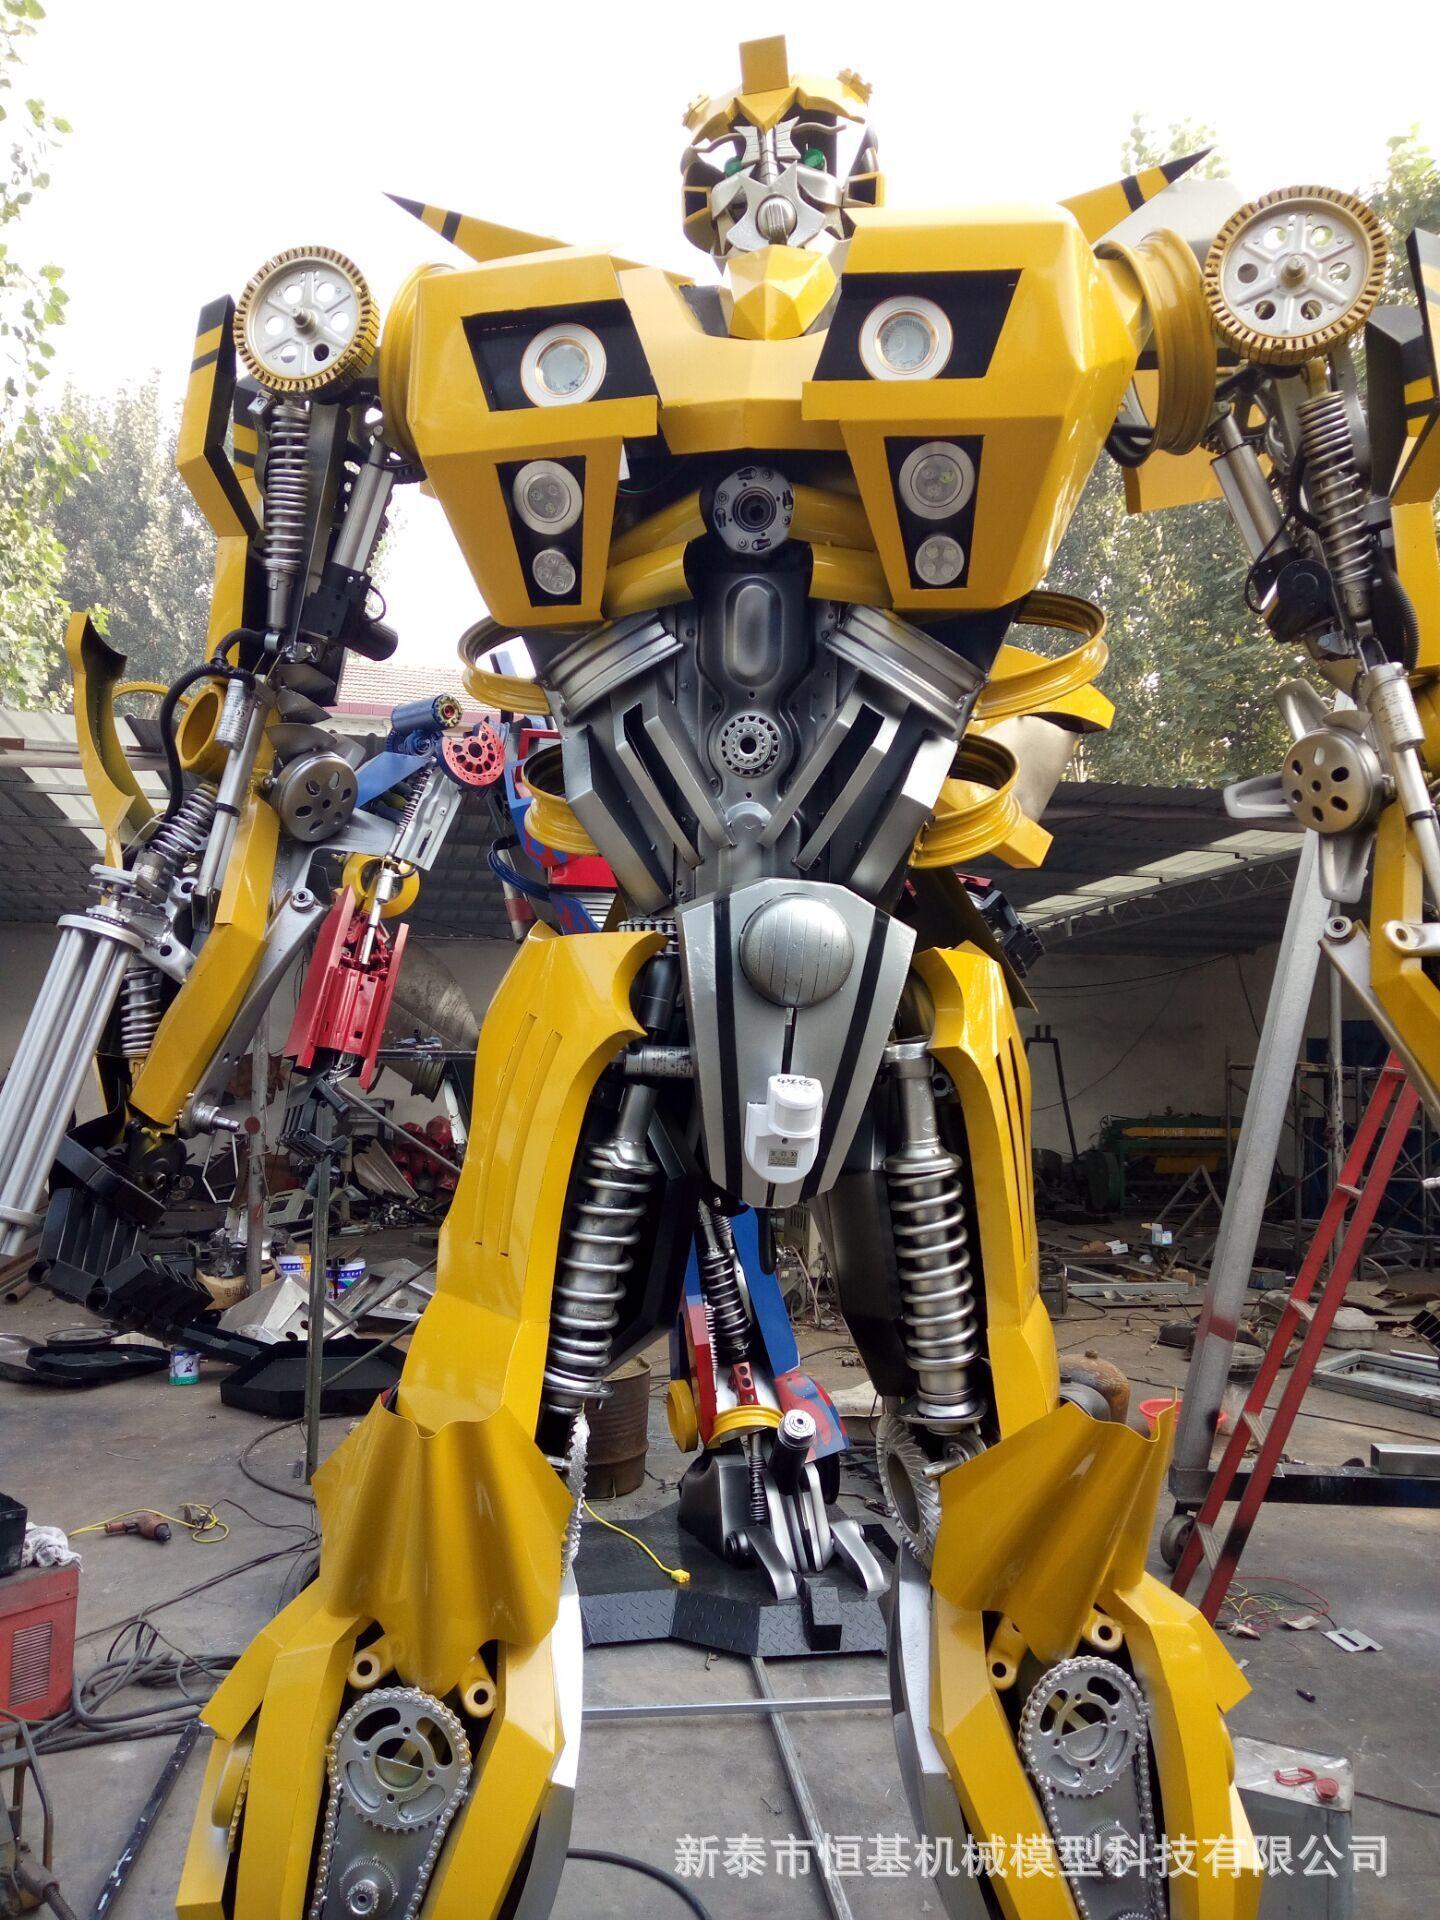 大黄蜂直销软件_厂家直销大型电动变形金刚机器人大黄蜂模型